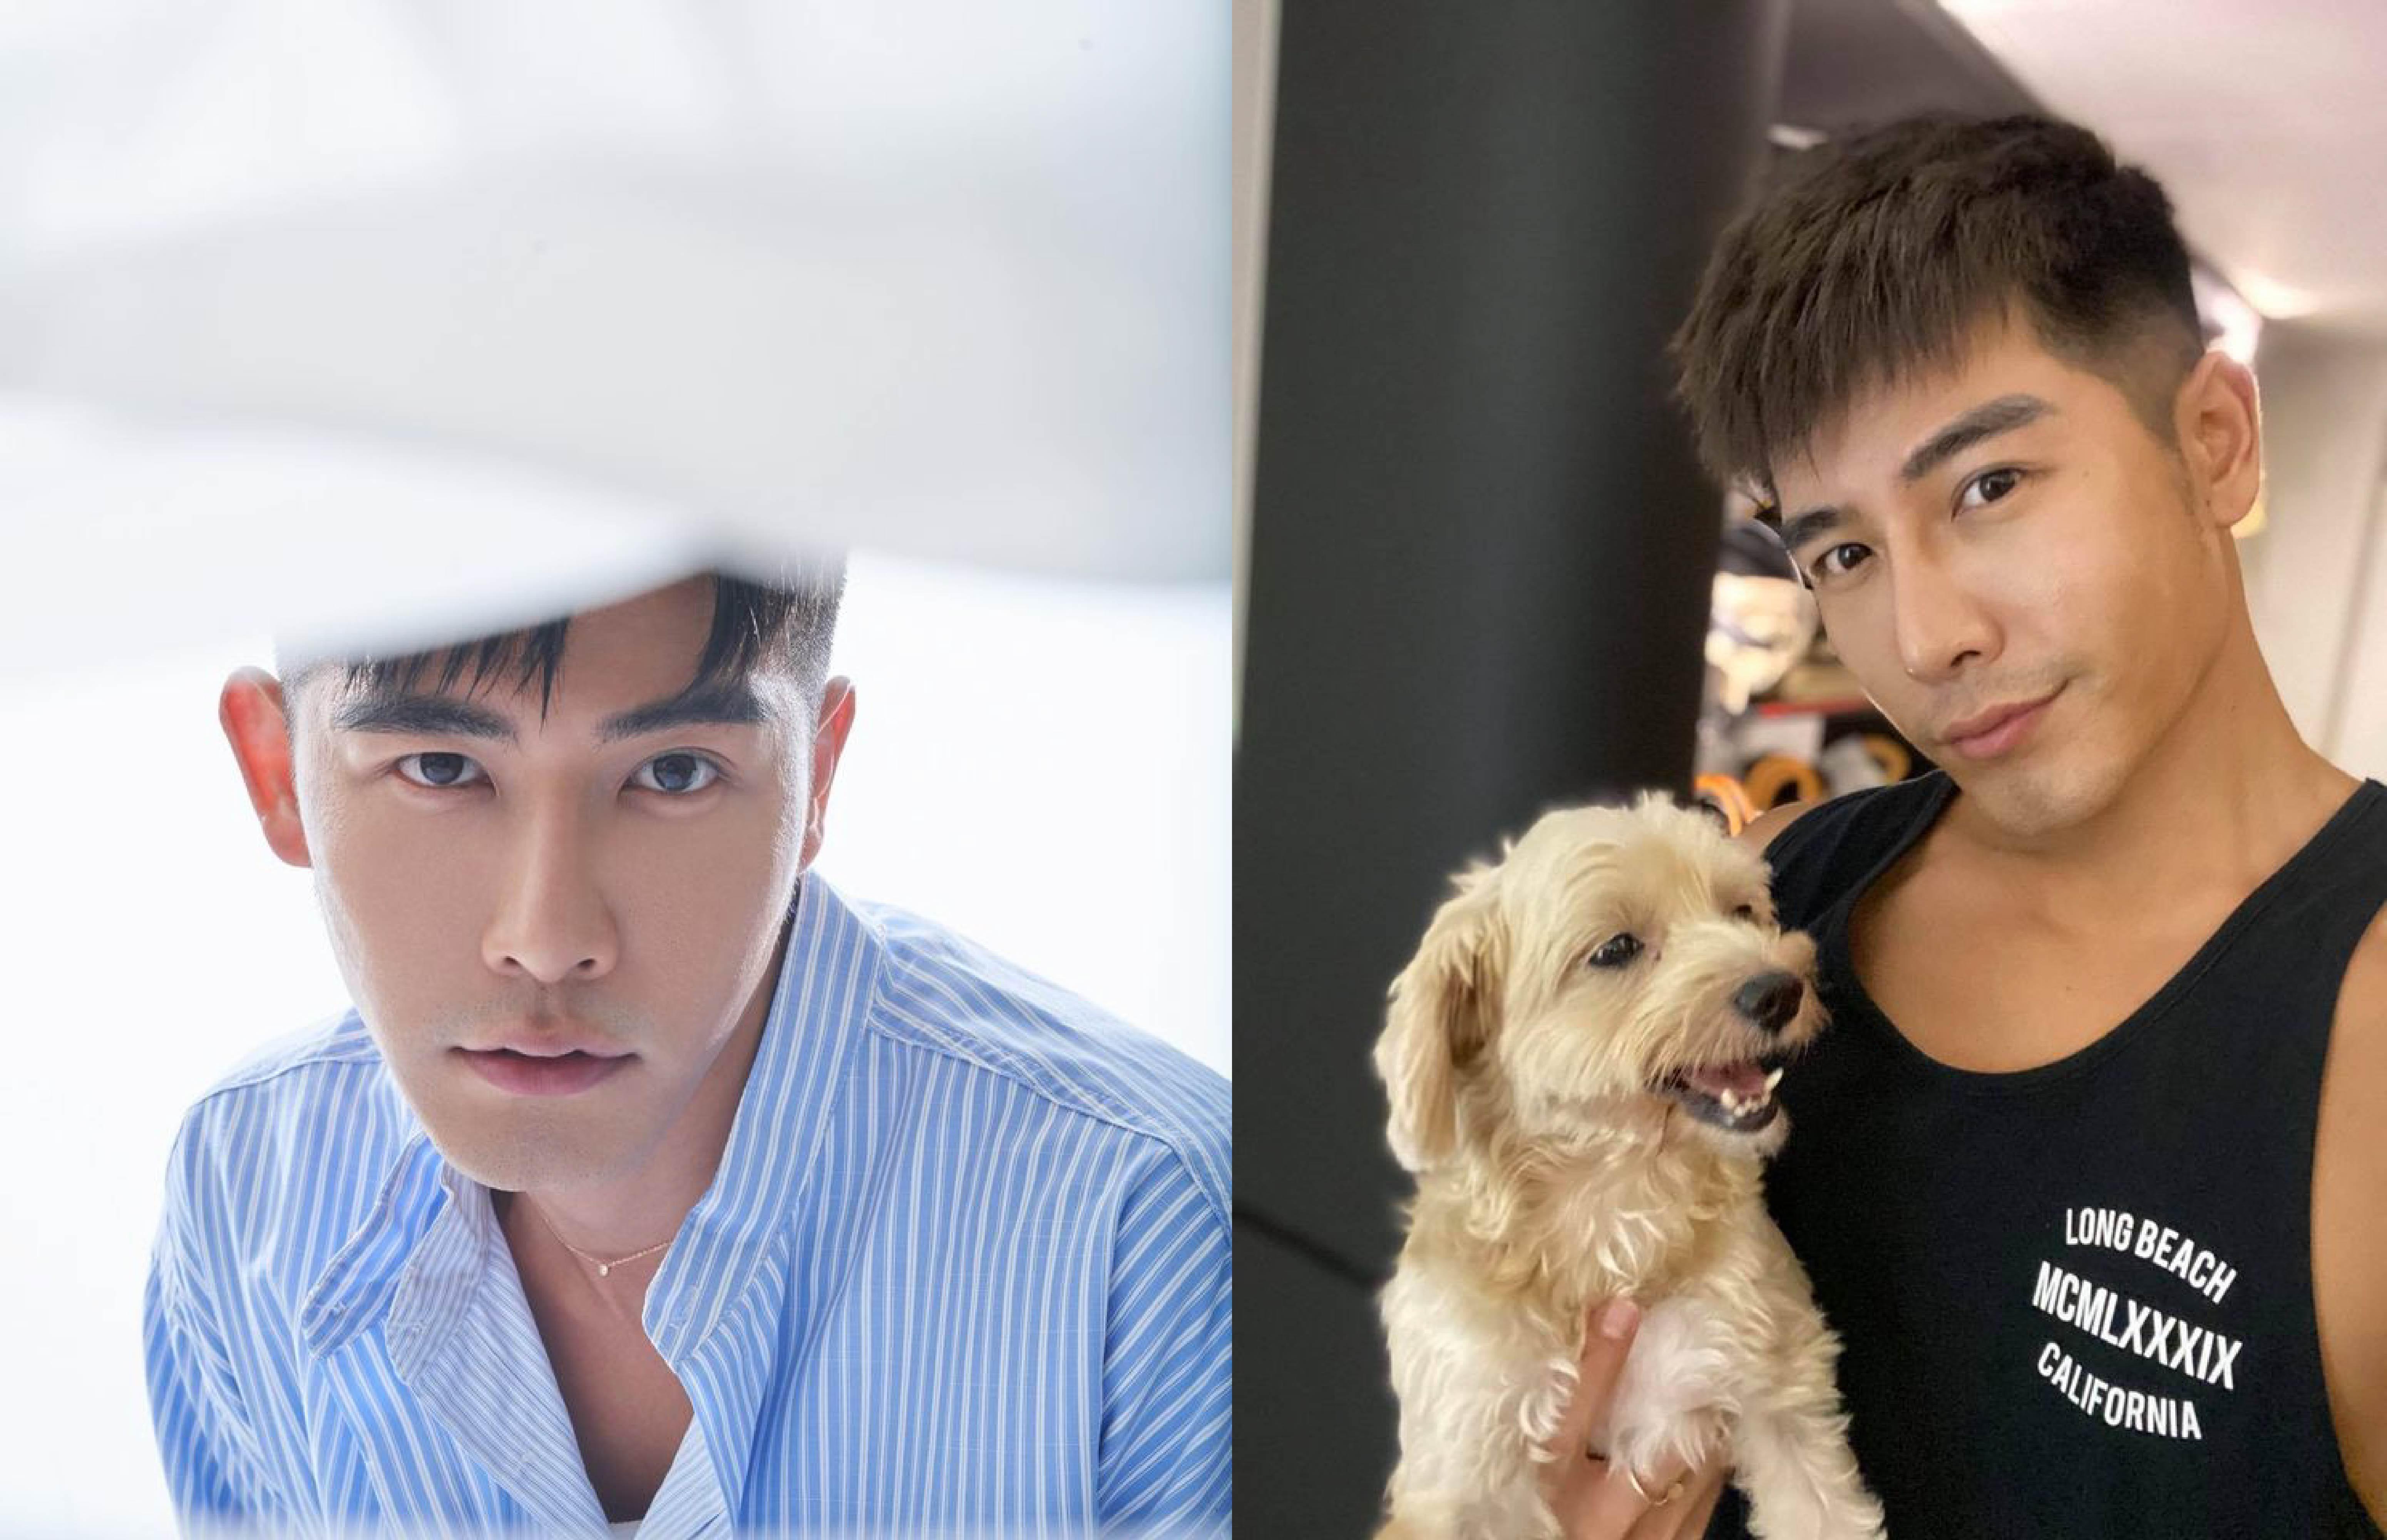 曾淪一片歌手窘境的「時尚網紅CEO」森田,靠著危機感跟總能嗅出商機的敏銳度